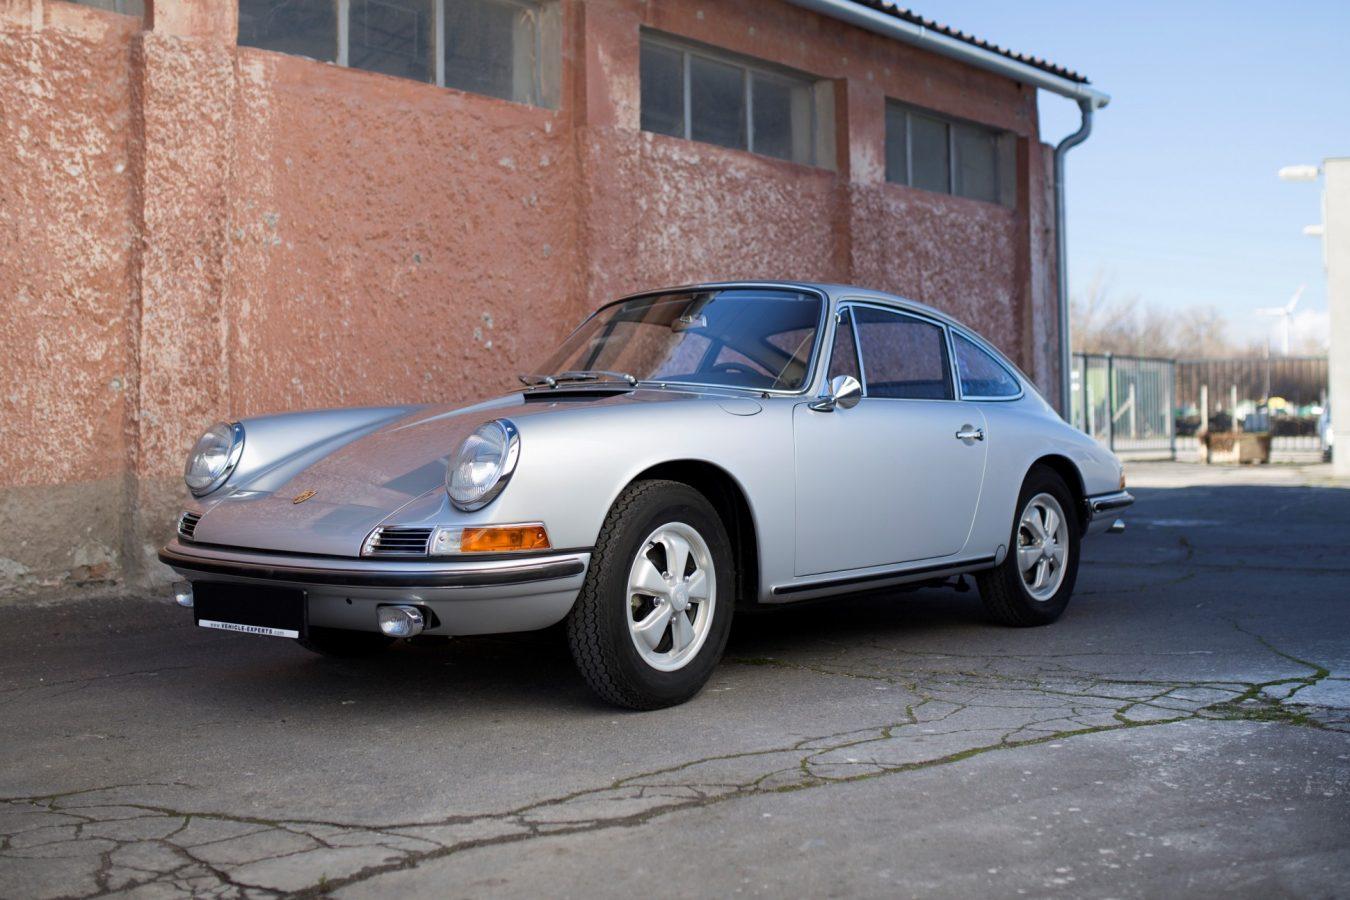 Silberner Porsche 911S SWB in Einfahrt